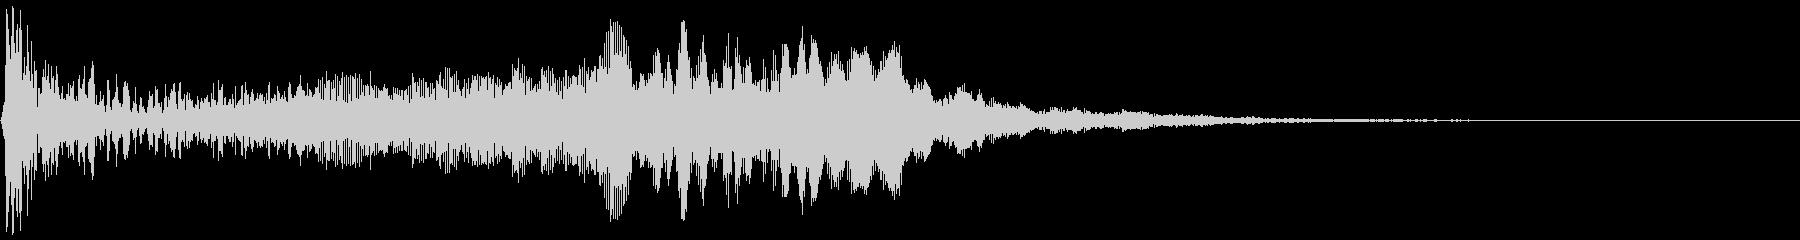 【アンビエント】ドローン_13 実験音の未再生の波形